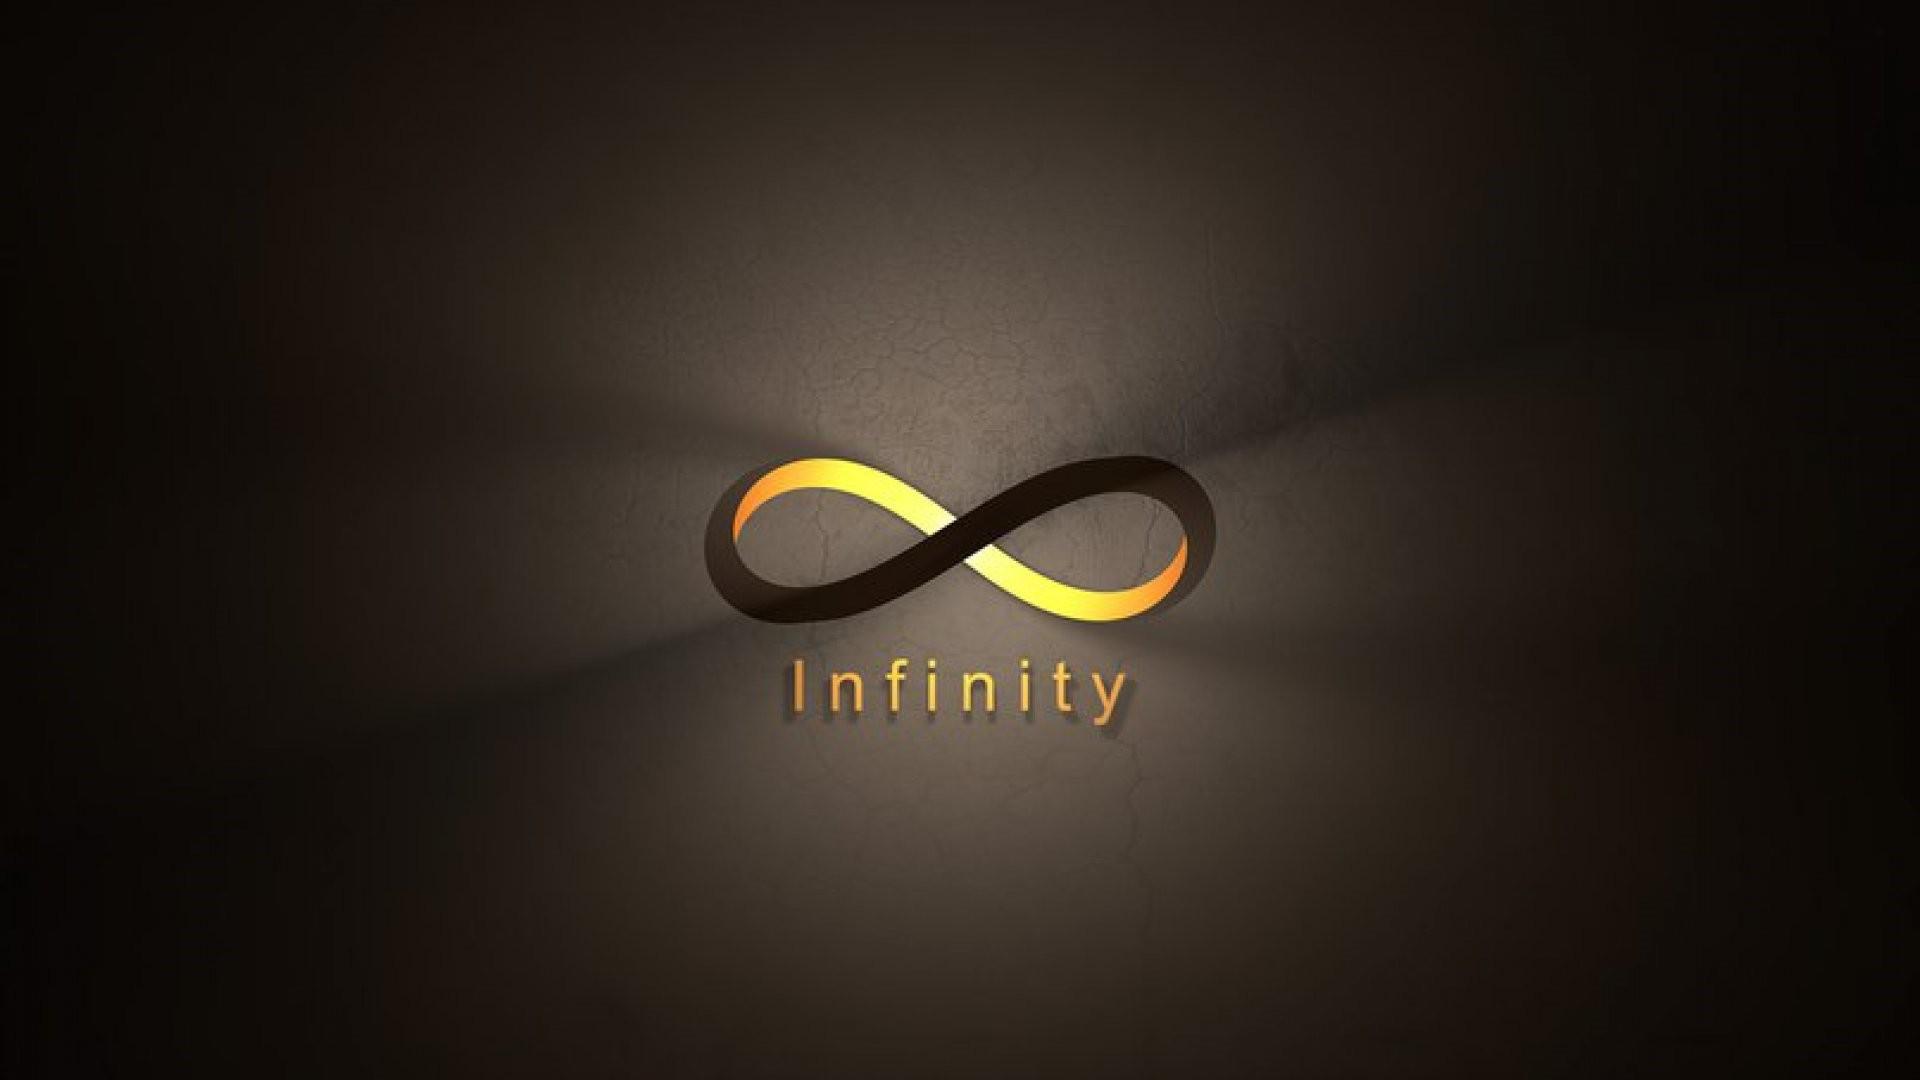 Infinity computer wallpaper